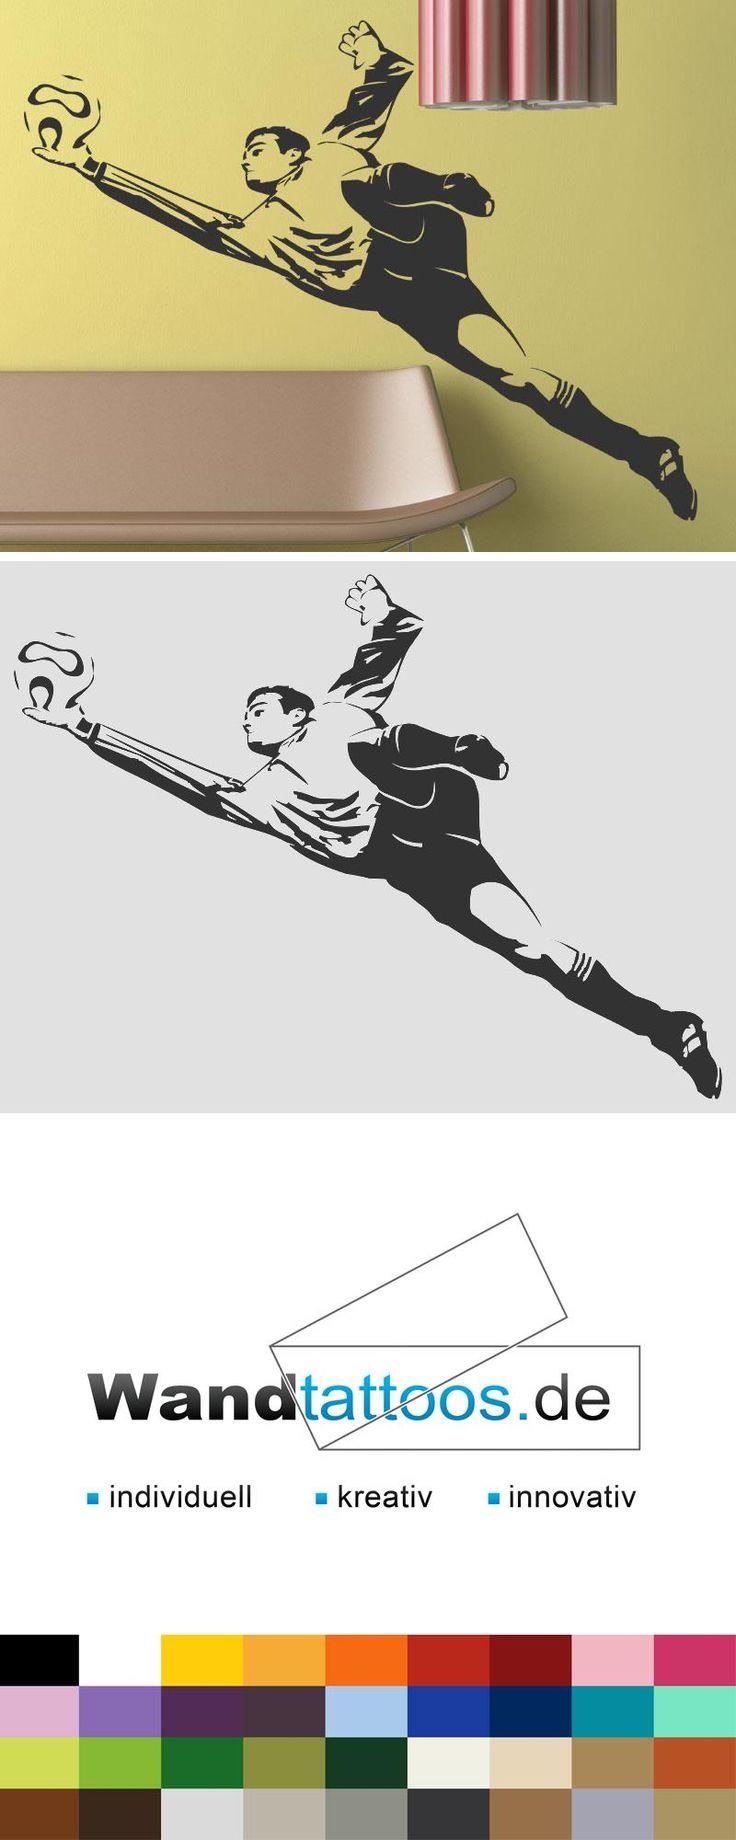 Wandtattoo Fußball Torwart als Idee zur individuellen Wandgestaltung. Einfach Lieblingsfarbe und Größe auswählen. Weitere kreative Anregungen von Wandtattoos.de hier entdecken!